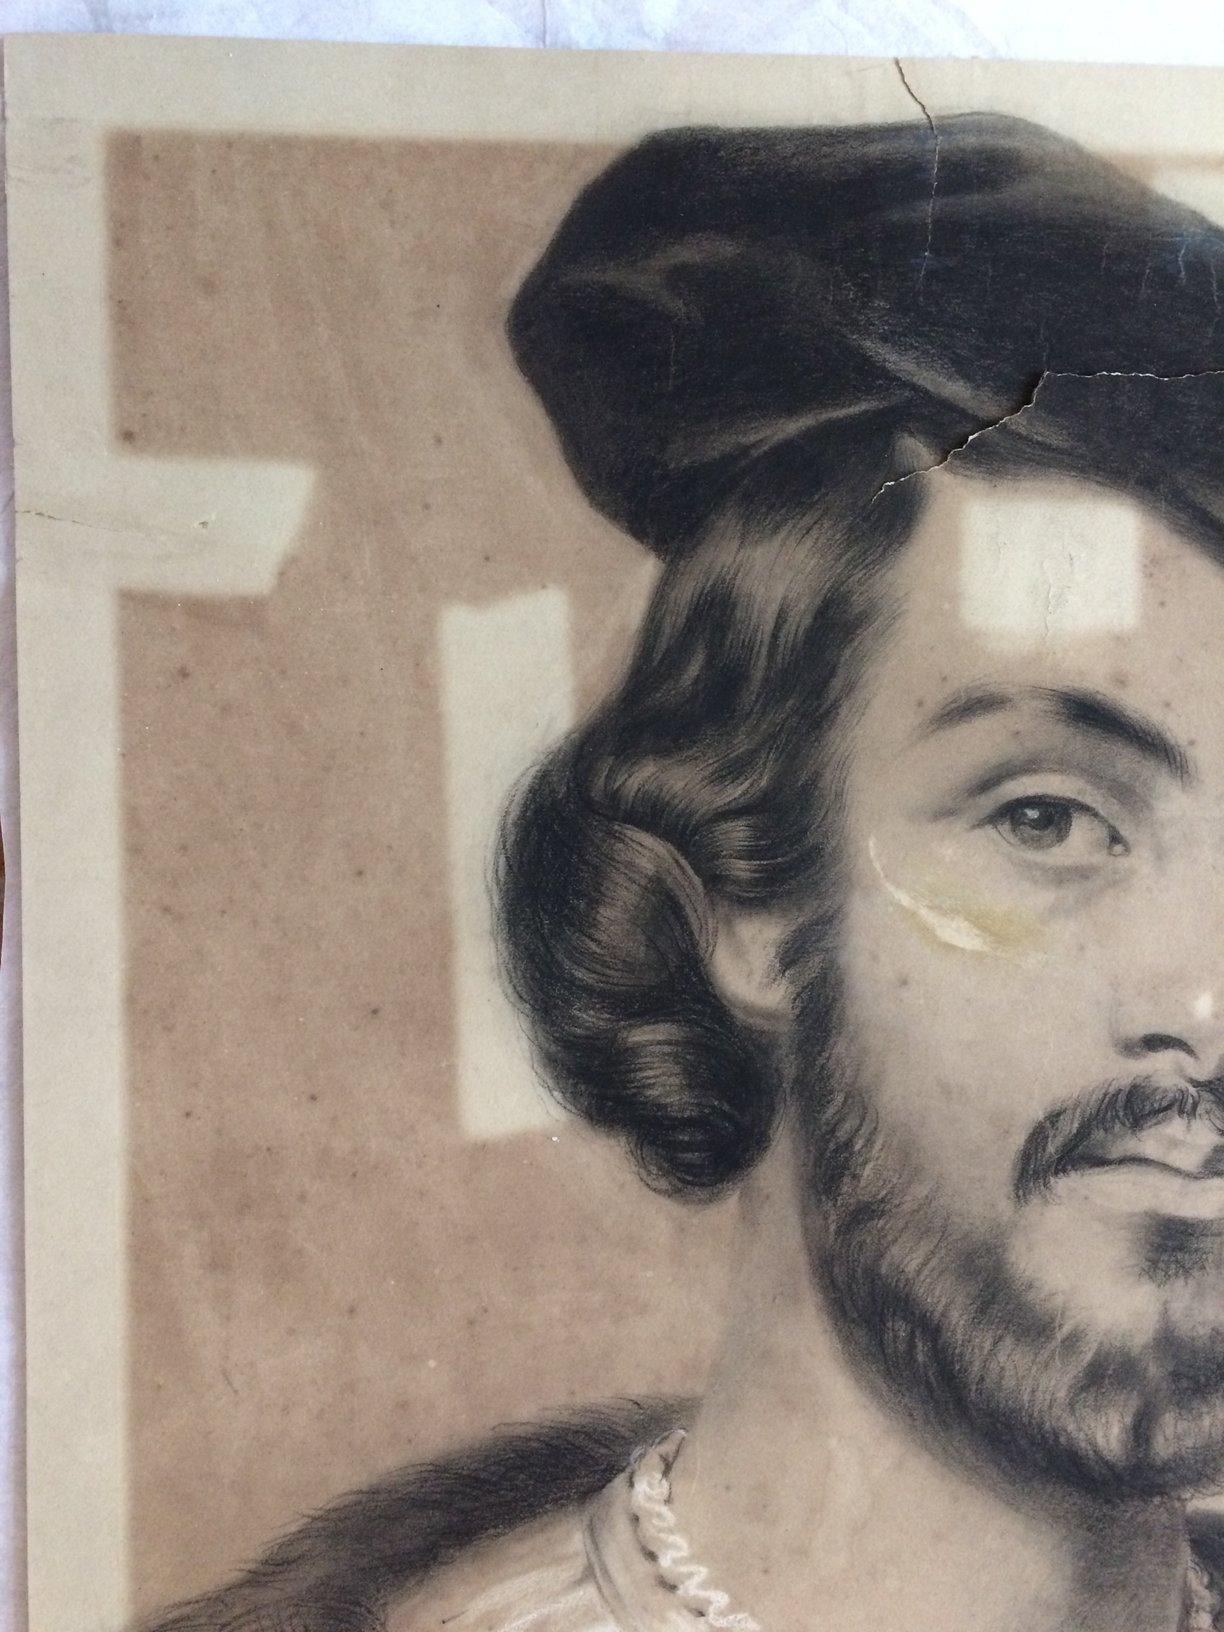 portrait au fusain très endommagé avec taches et déchirures a restauré par Les Baguettes Magiques, Virginie Breton restaurateur de papier à Lyon